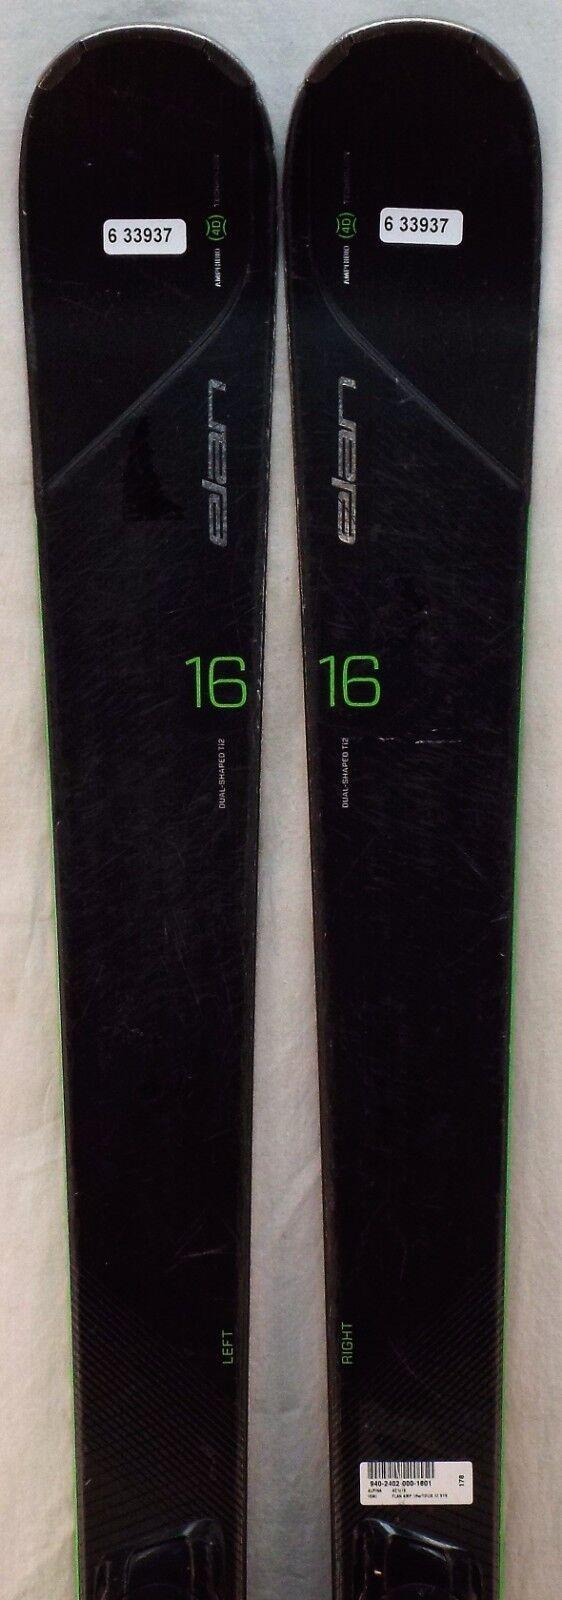 15-16 Elan Amphibio 16 Ti2 Used Men's Demo Skis w Bindings Size 178cm